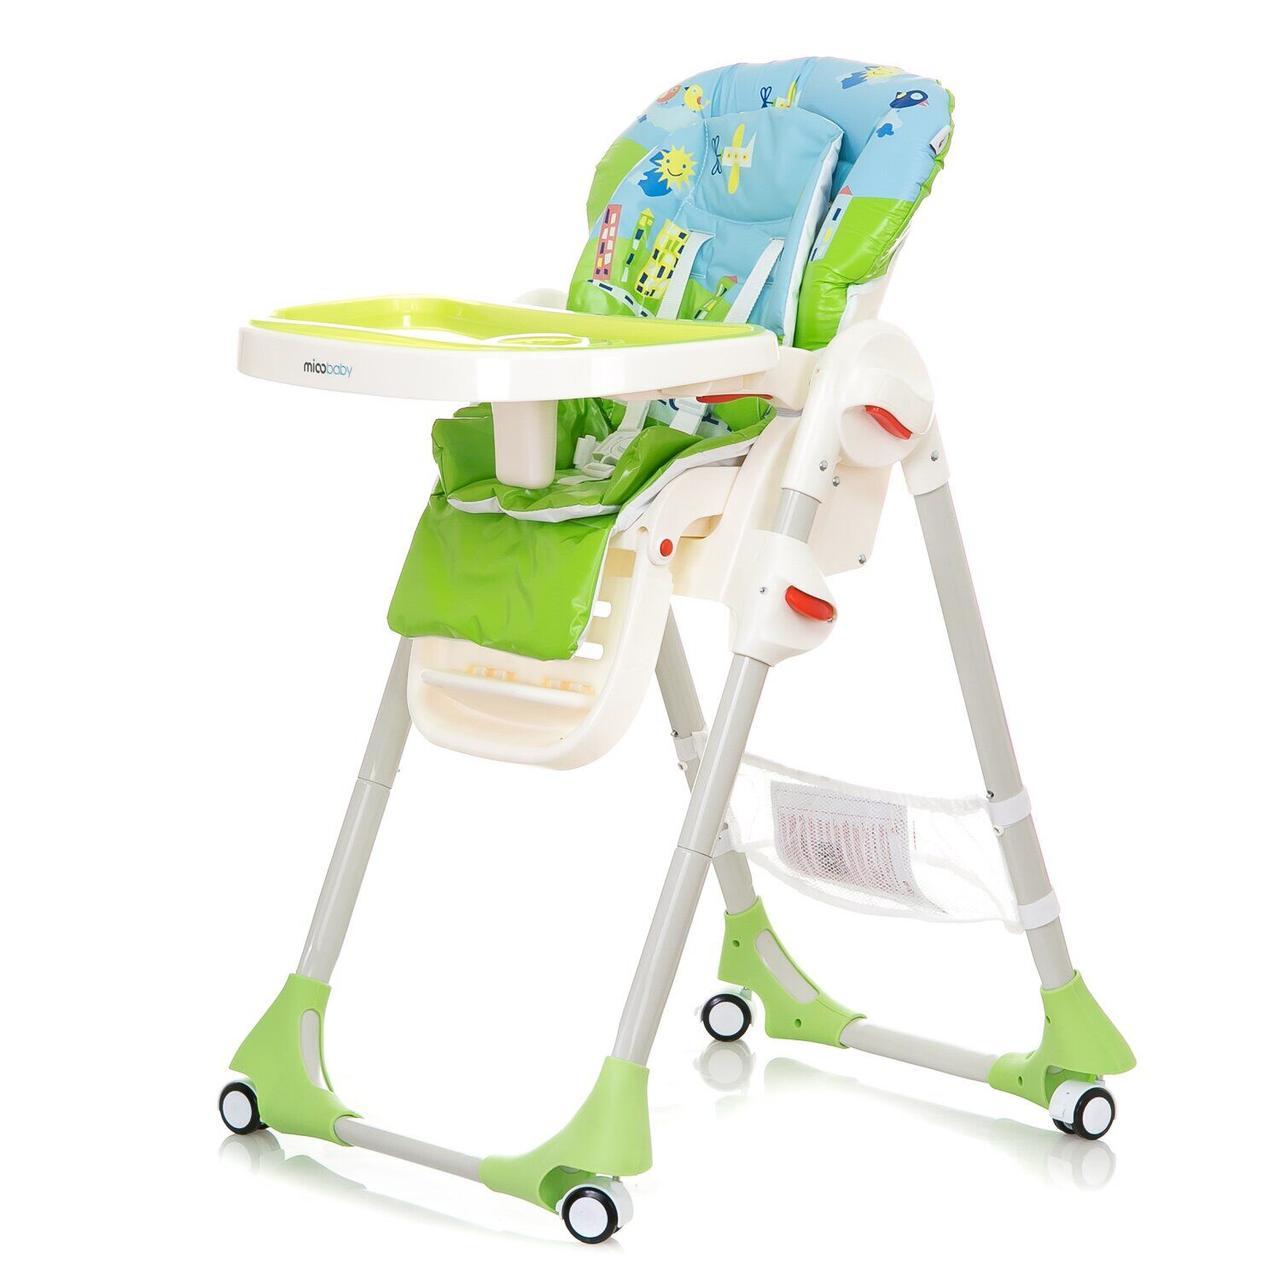 Дитячий стільчик для годування Mioobaby Rio - Green